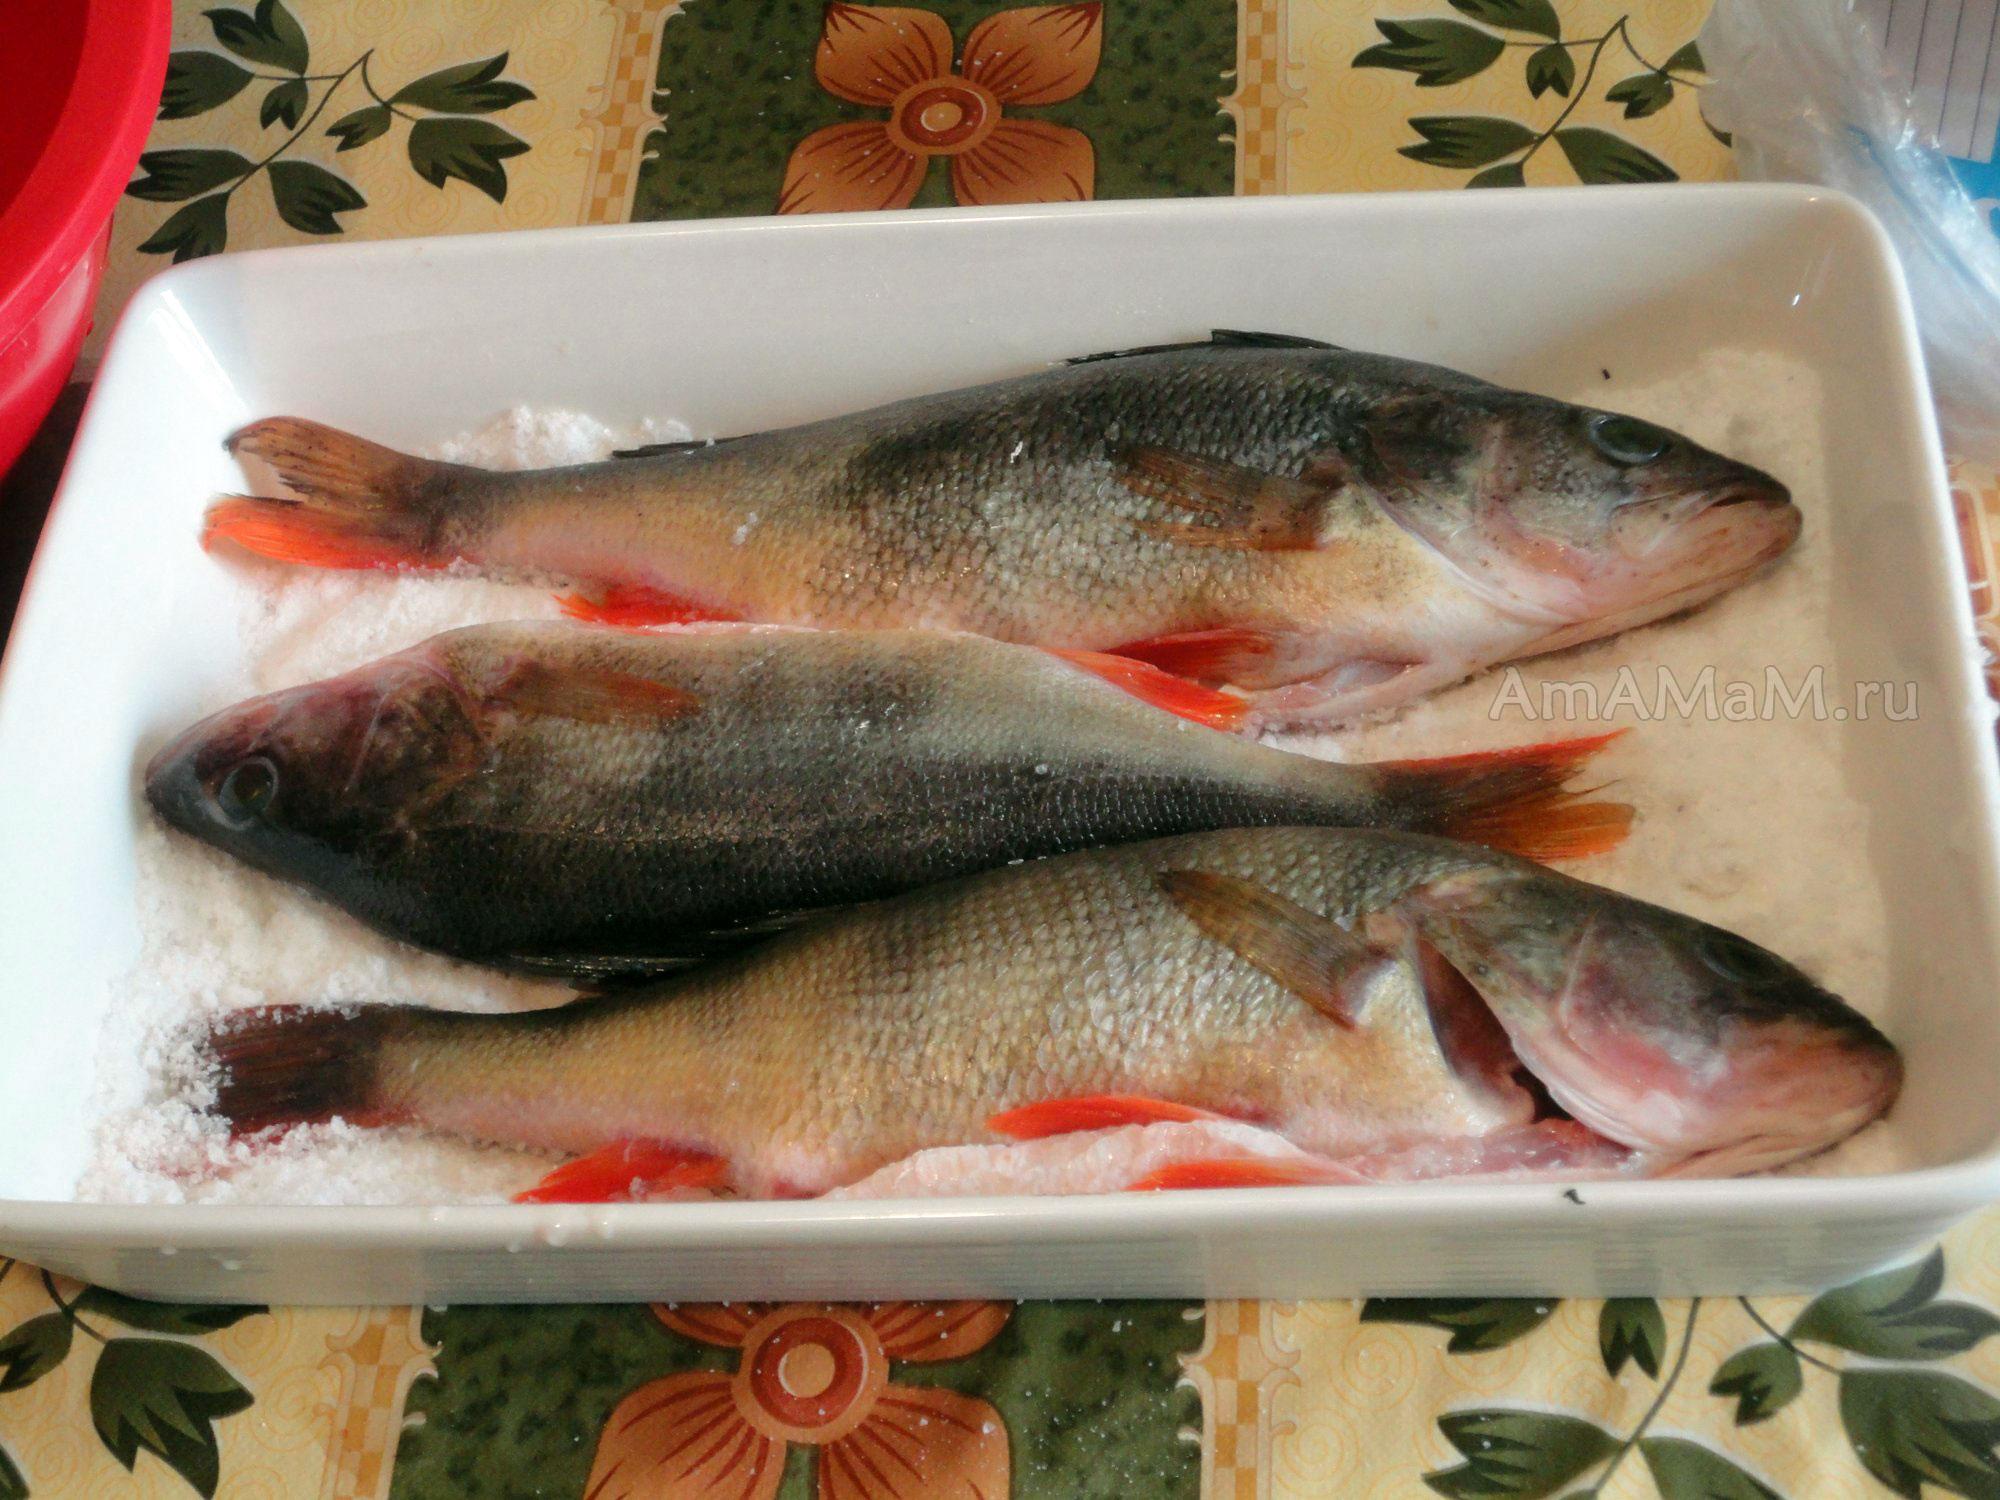 Как готовить речную рыбу в соли - рецепт